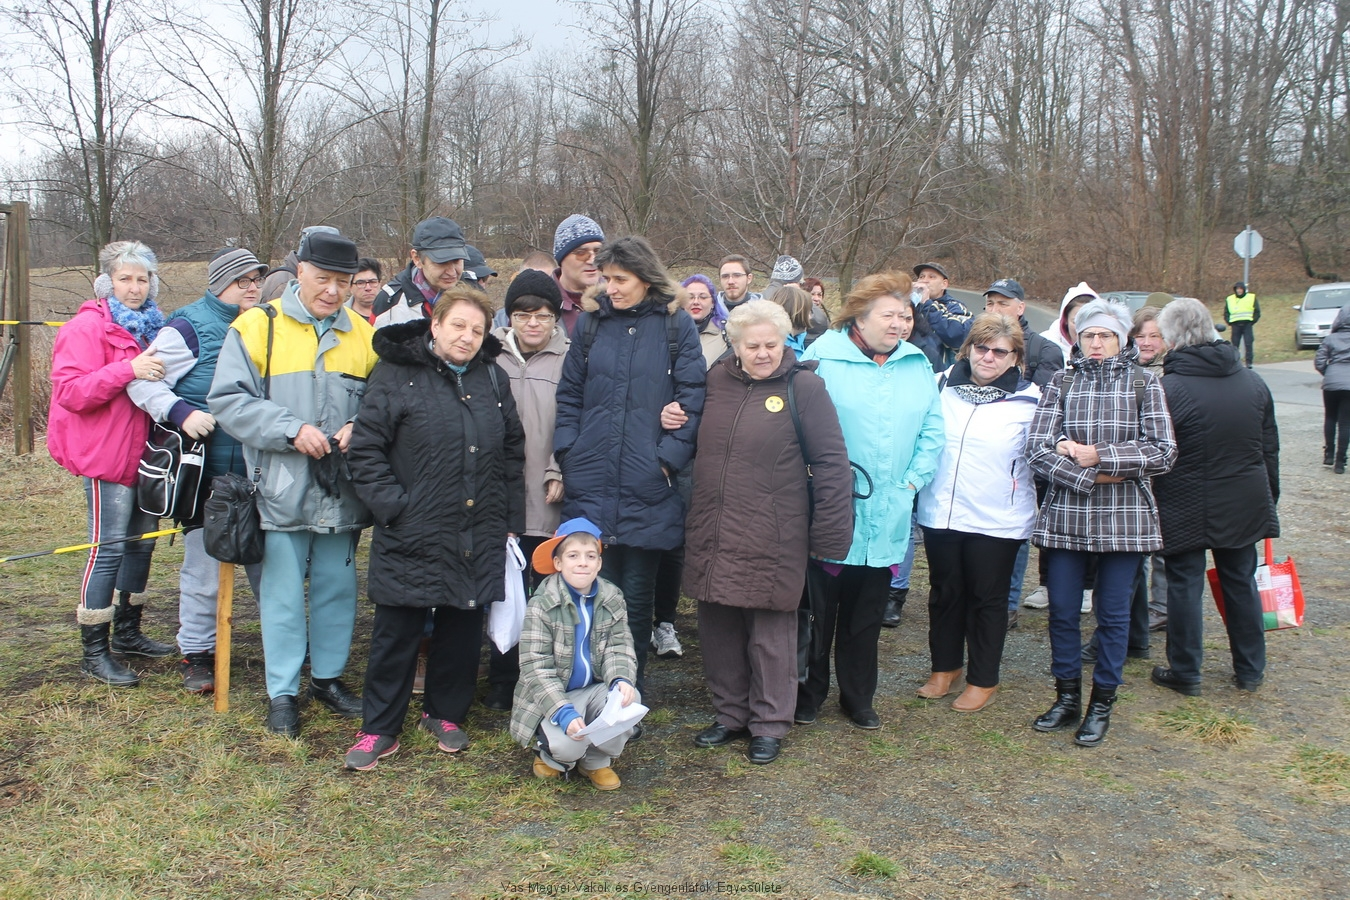 Több mint 40-en jöttek el erre a kirándulásra. A kis csapat megérkezett.